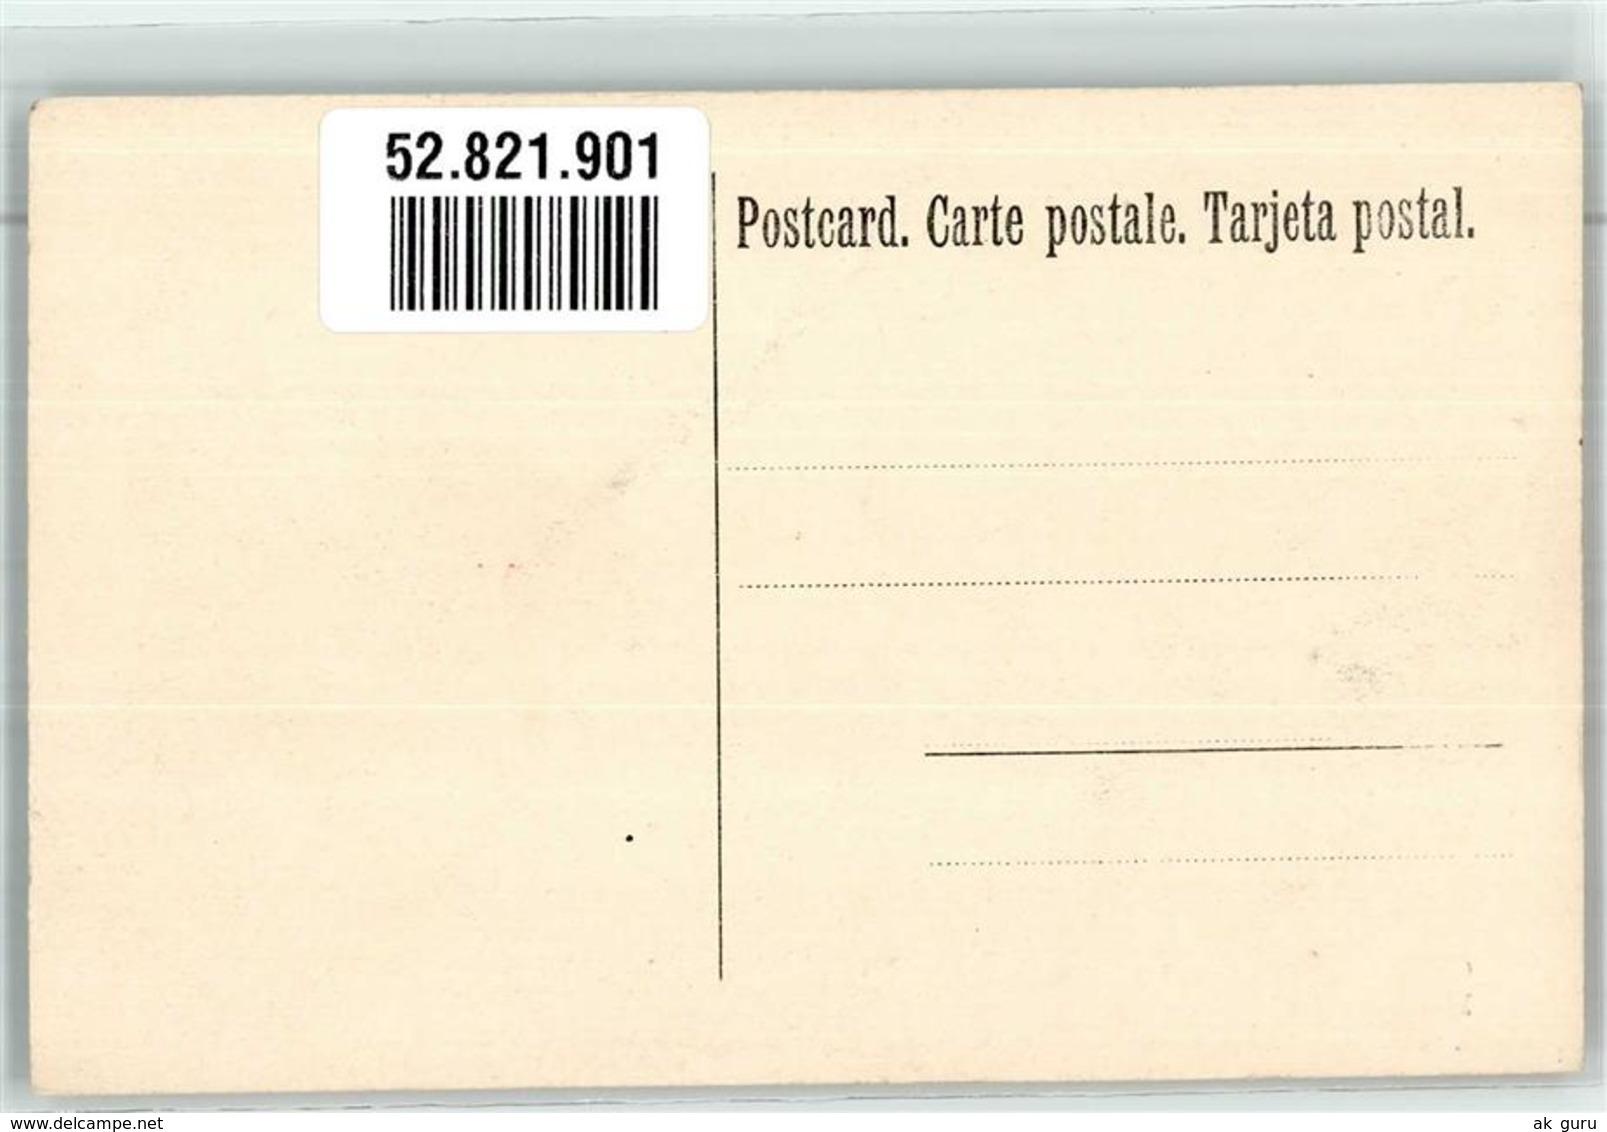 52821901 - Santa Cruz De Tenerife - Tenerife